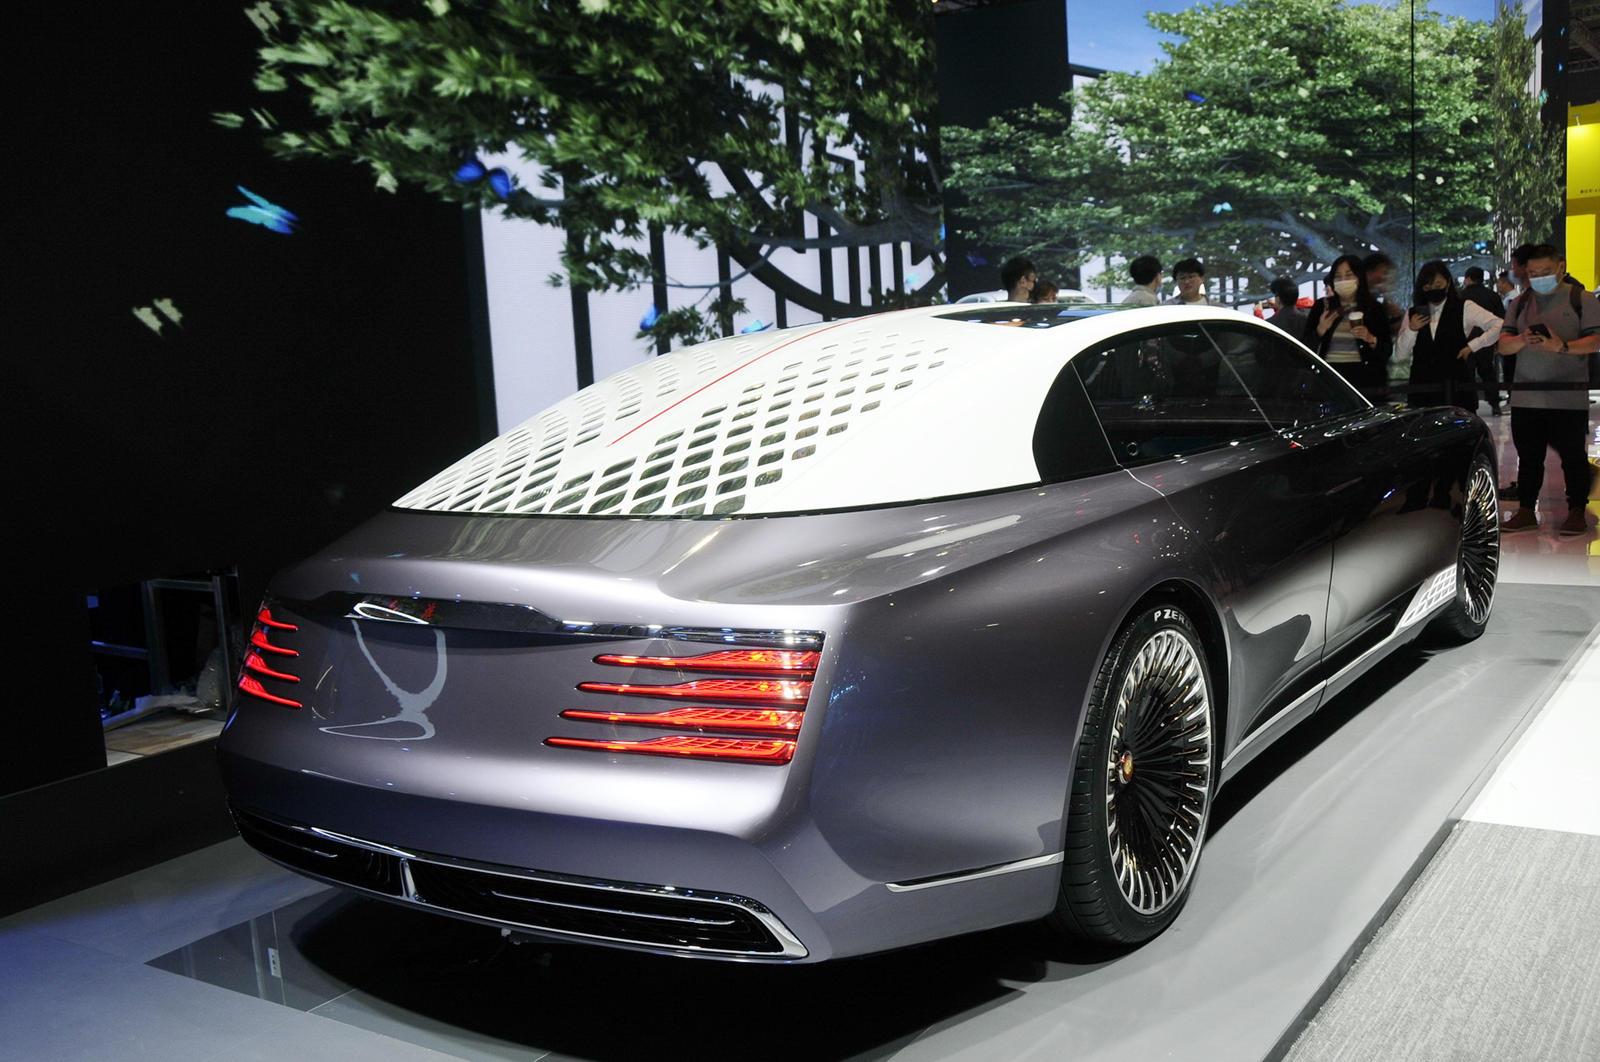 Предполагая, как будут выглядеть лимузины Hongqi в будущем, L-Concept представляет собой седан в стиле купе с крышей типа «фастбэк» и изысканным двухцветным экстерьером.